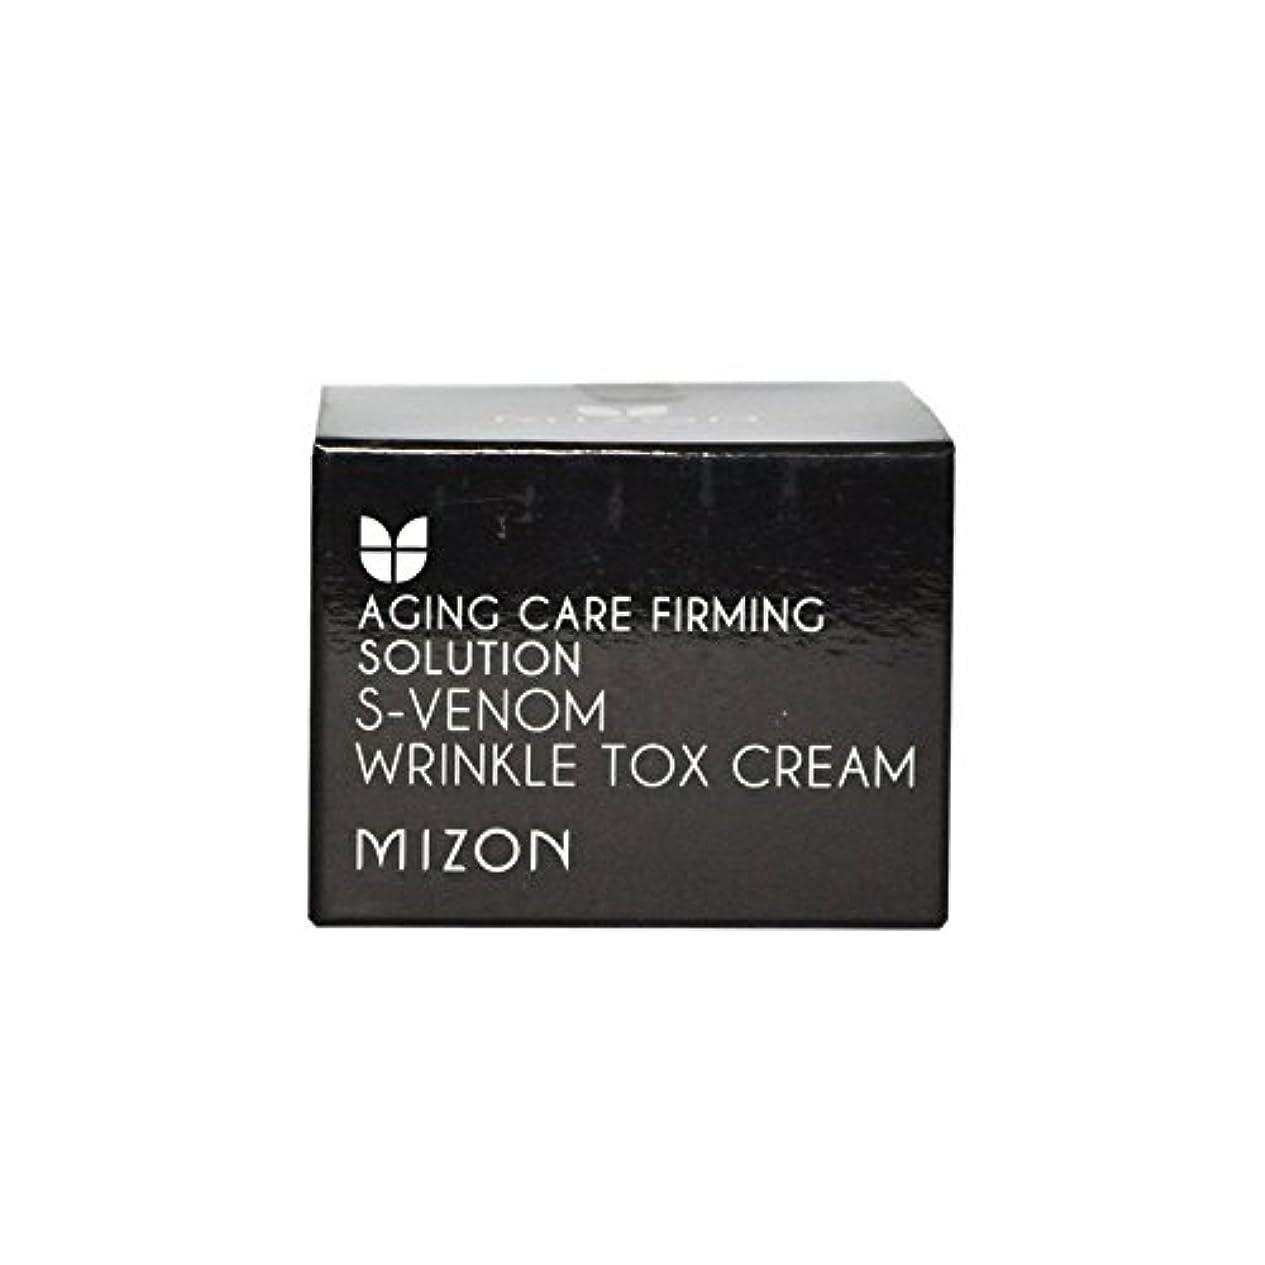 の毒リンクルトックスクリーム x4 - Mizon S Venom Wrinkle Tox Cream (Pack of 4) [並行輸入品]